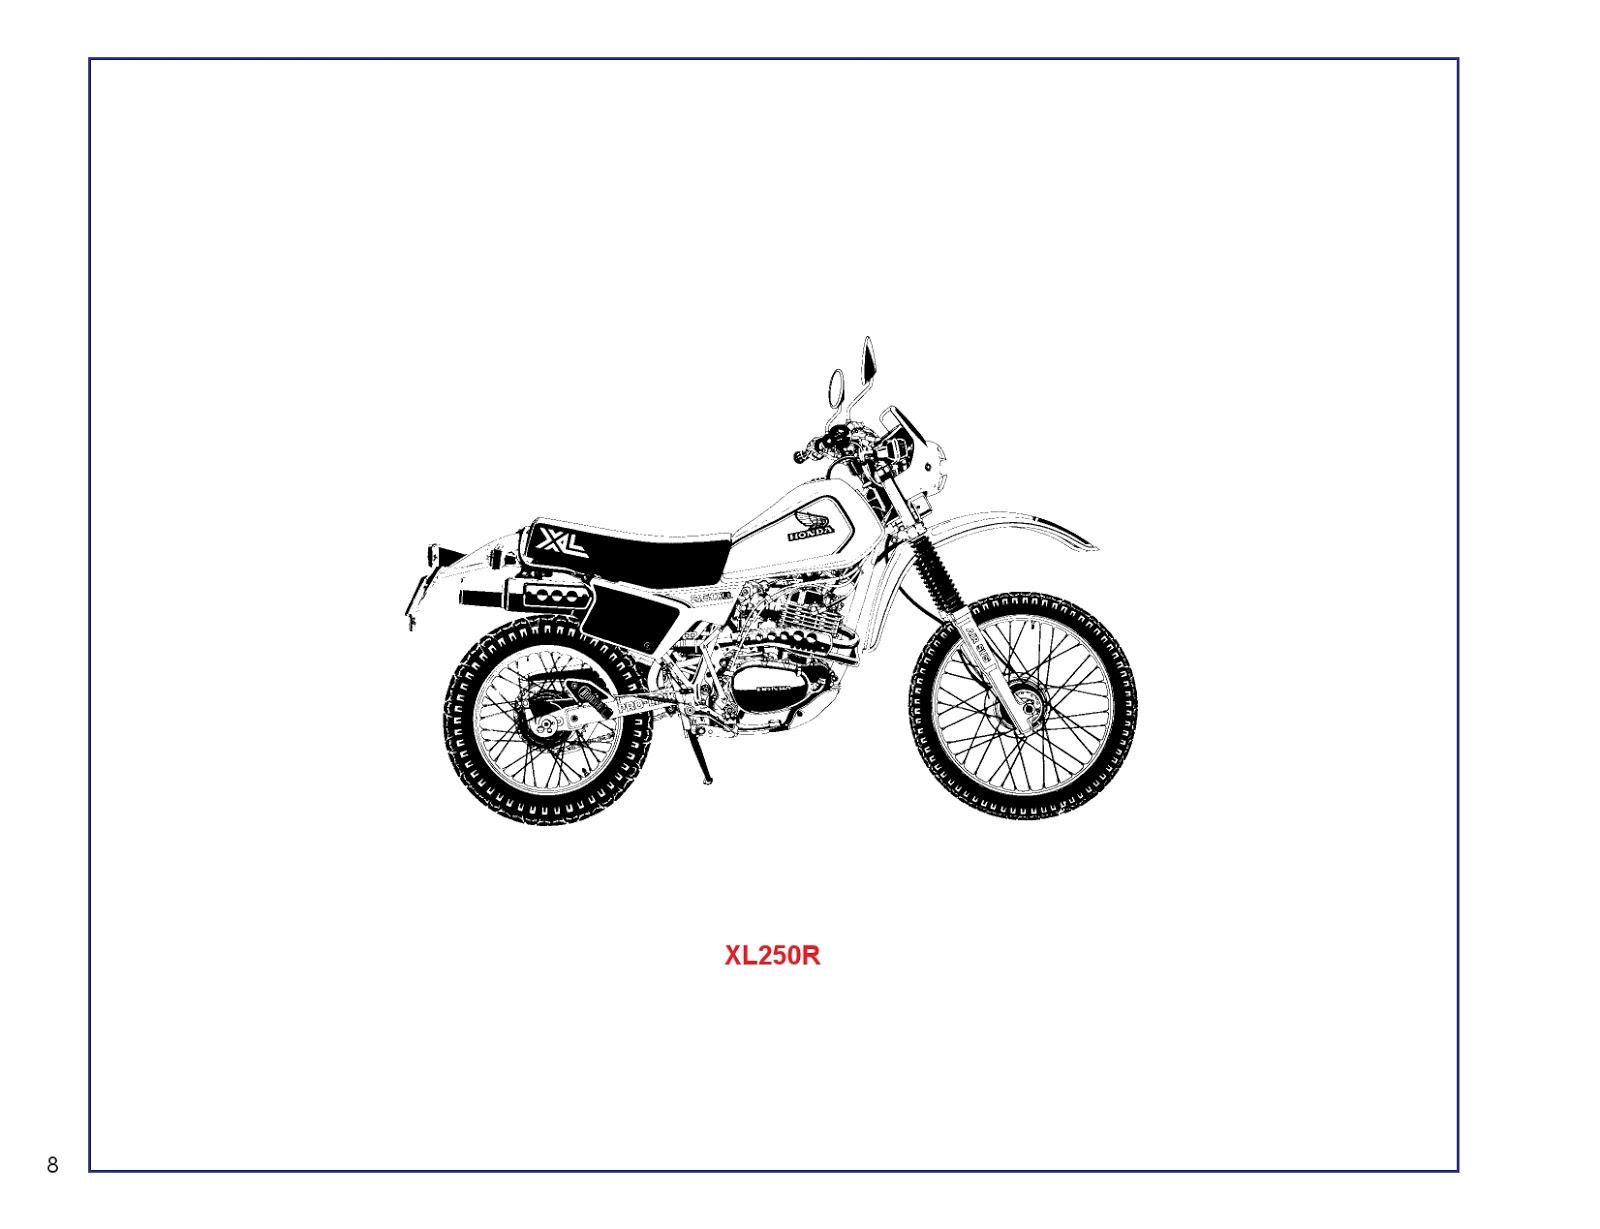 MANUAL DA SUA MOTO: CATÁLOGO DE PEÇAS HONDA XL 250R 1998